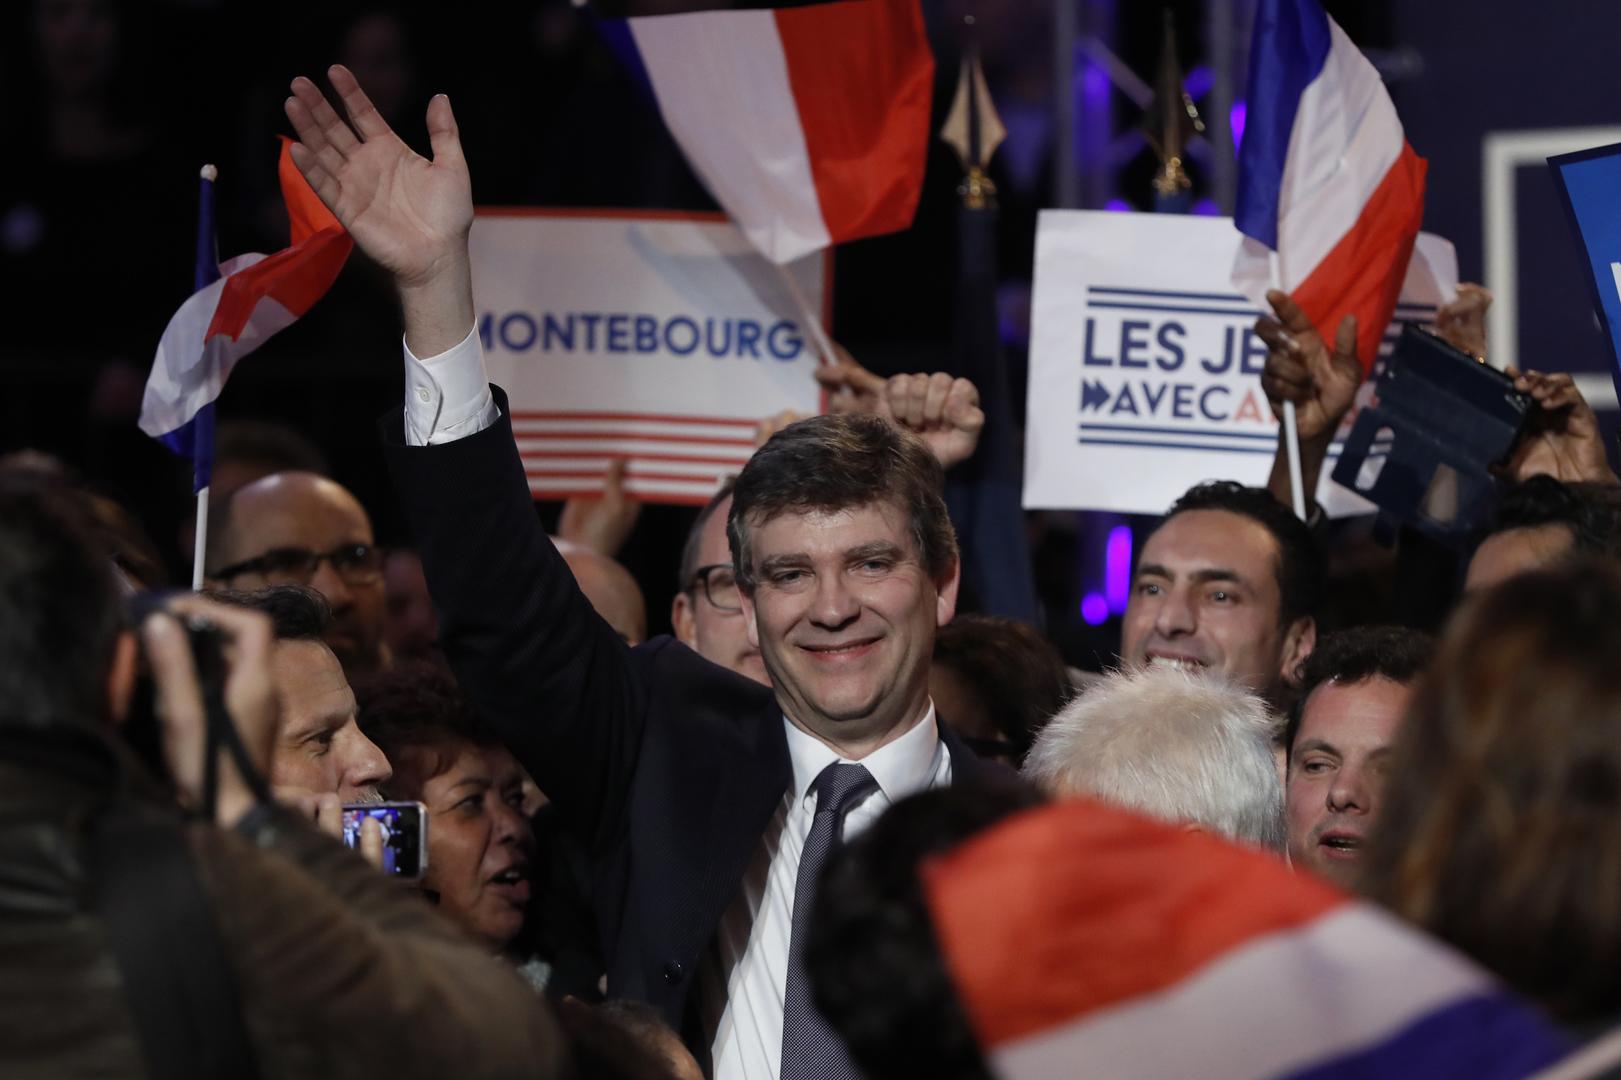 Présidentielle 2022 : Arnaud Montebourg, l'homme providentiel de la gauche  ? — RT en français